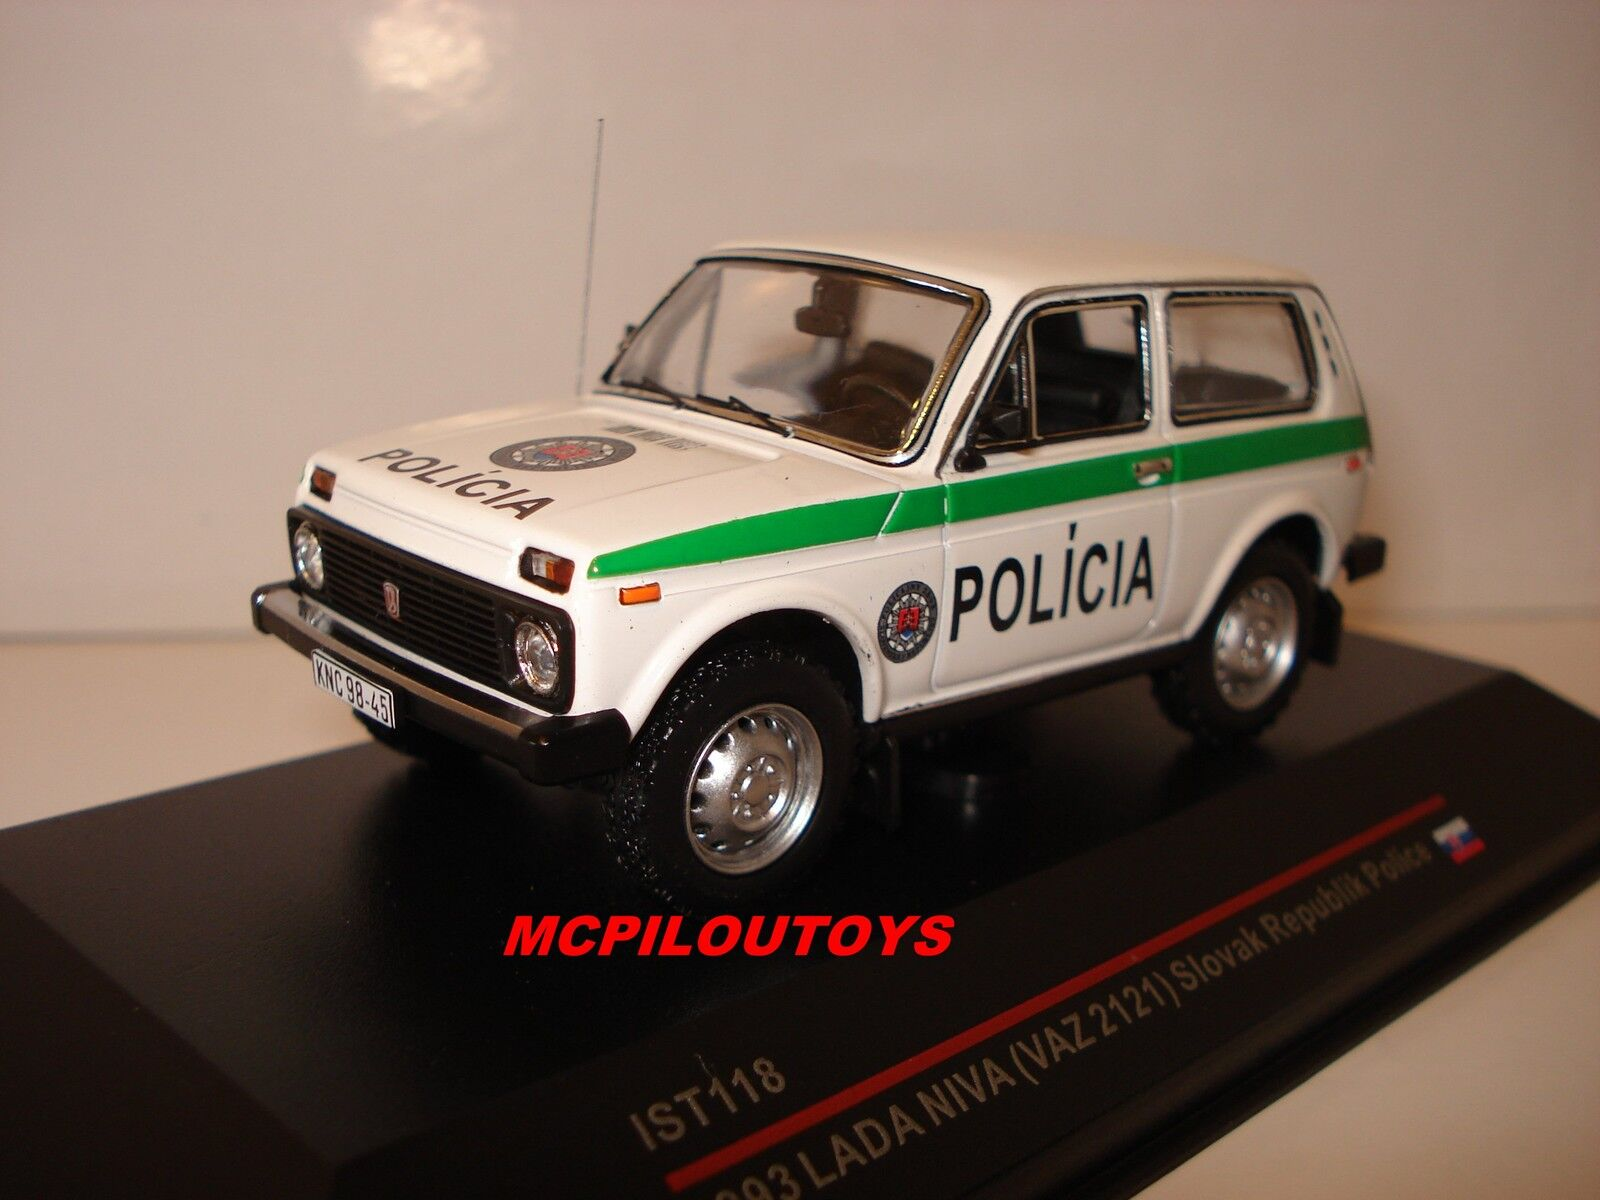 IST 118 LADA NIVA SLOVAK REPUBLIK POLICE 1993 au 1 43°